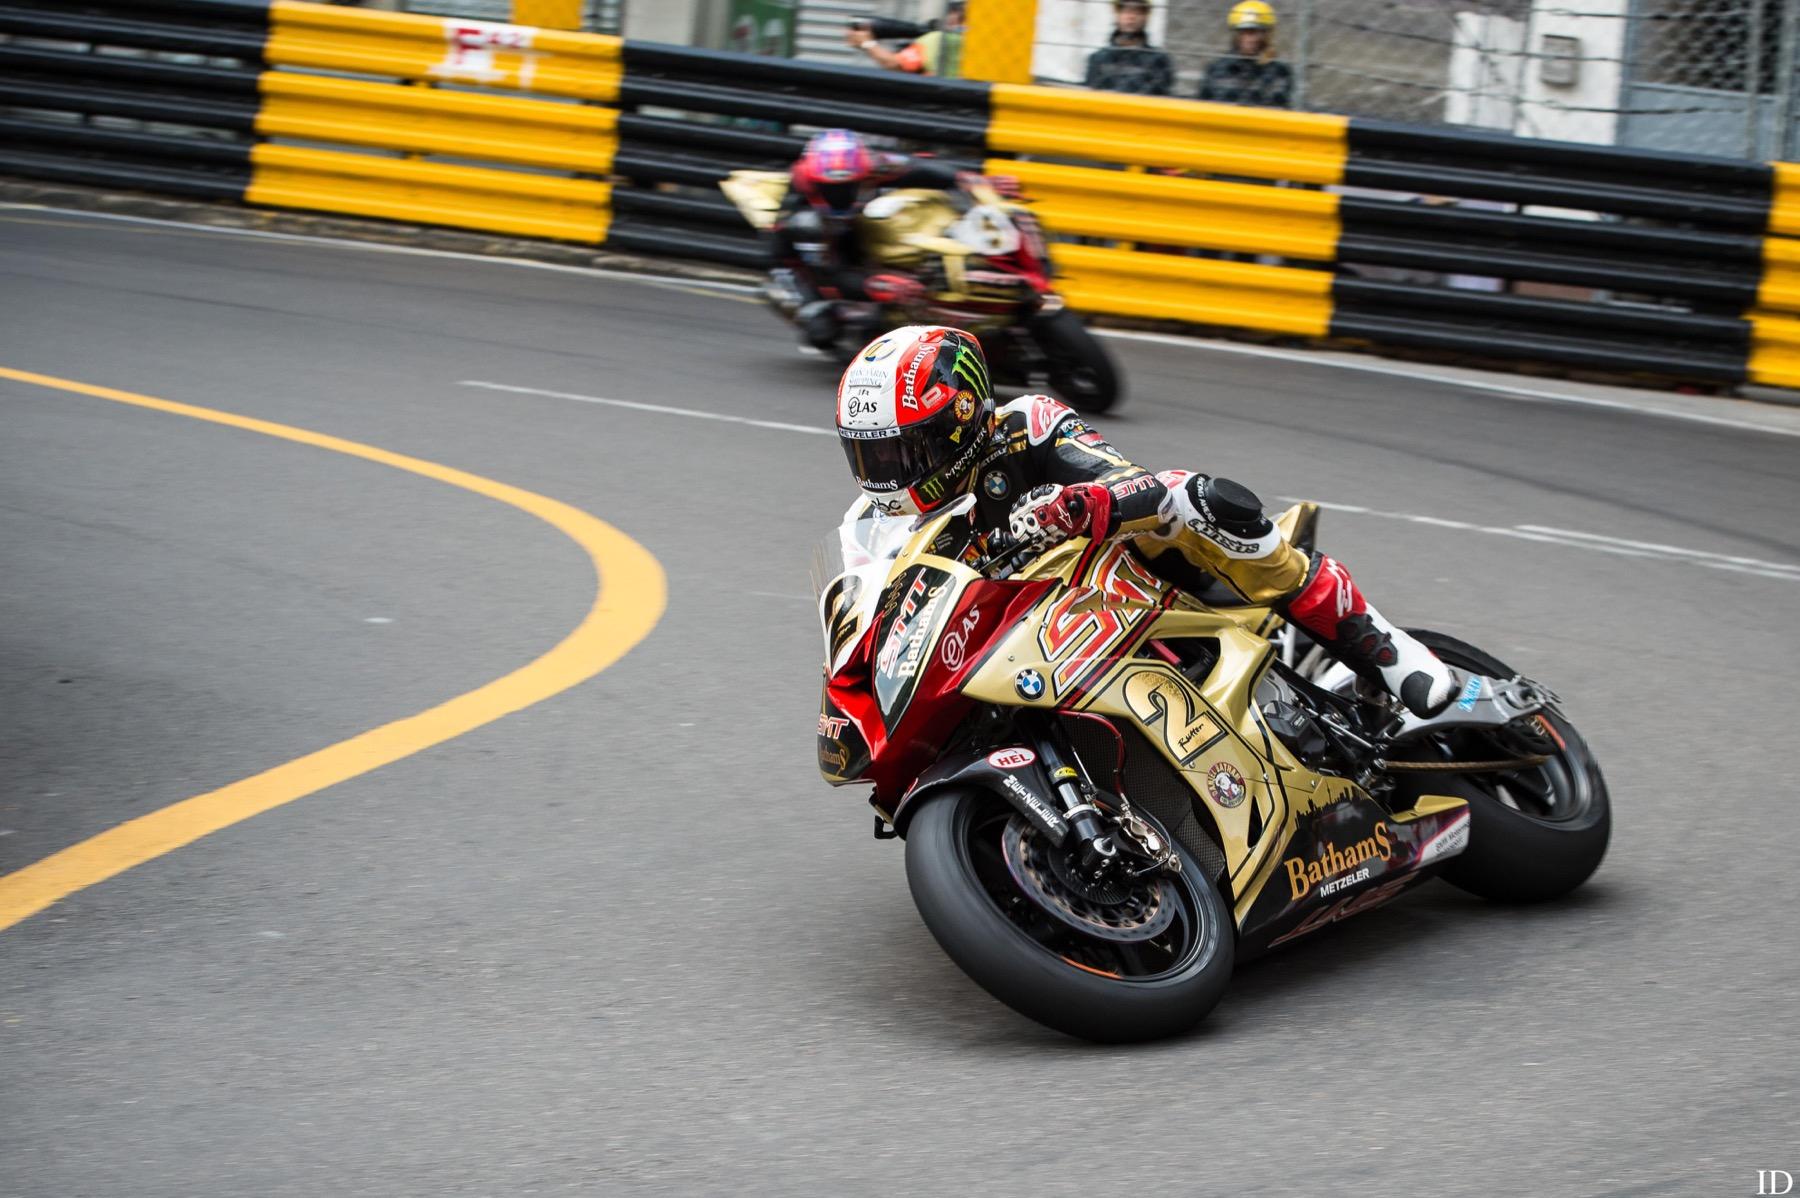 Gran Premio de Macao 2017